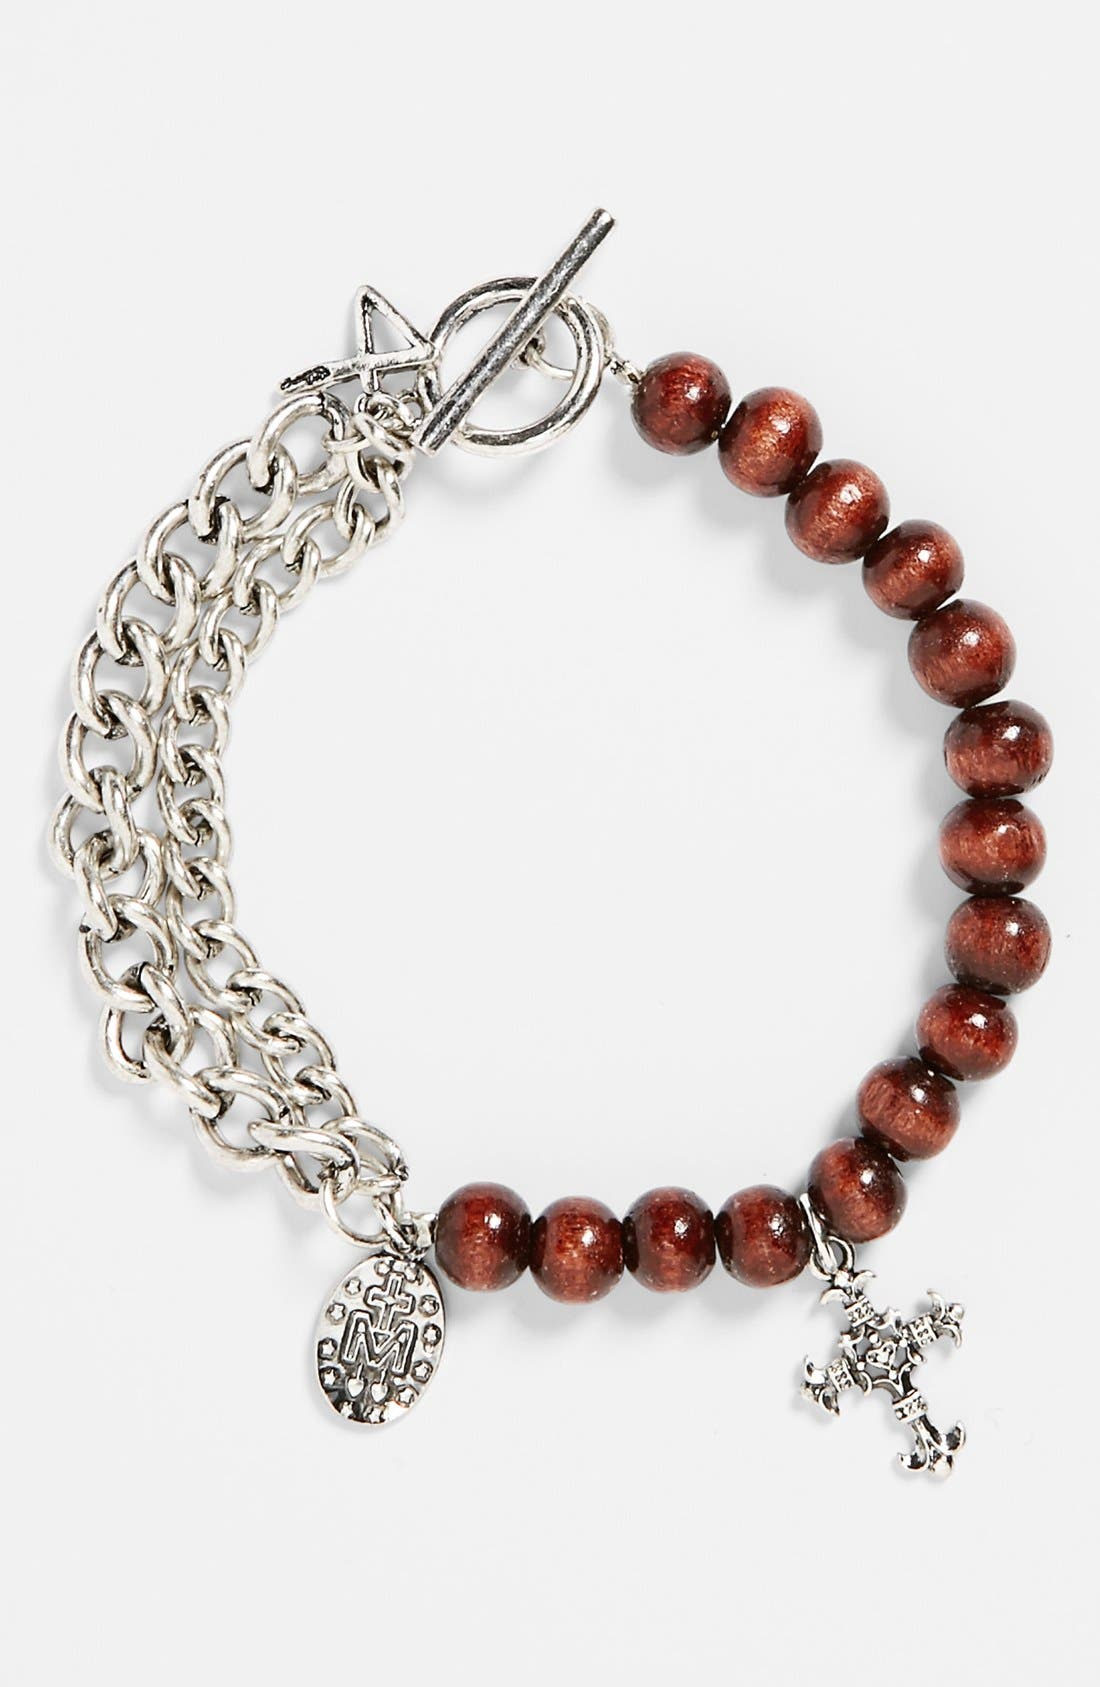 Alternate Image 1 Selected - Talon Chain Beaded Charm Bracelet